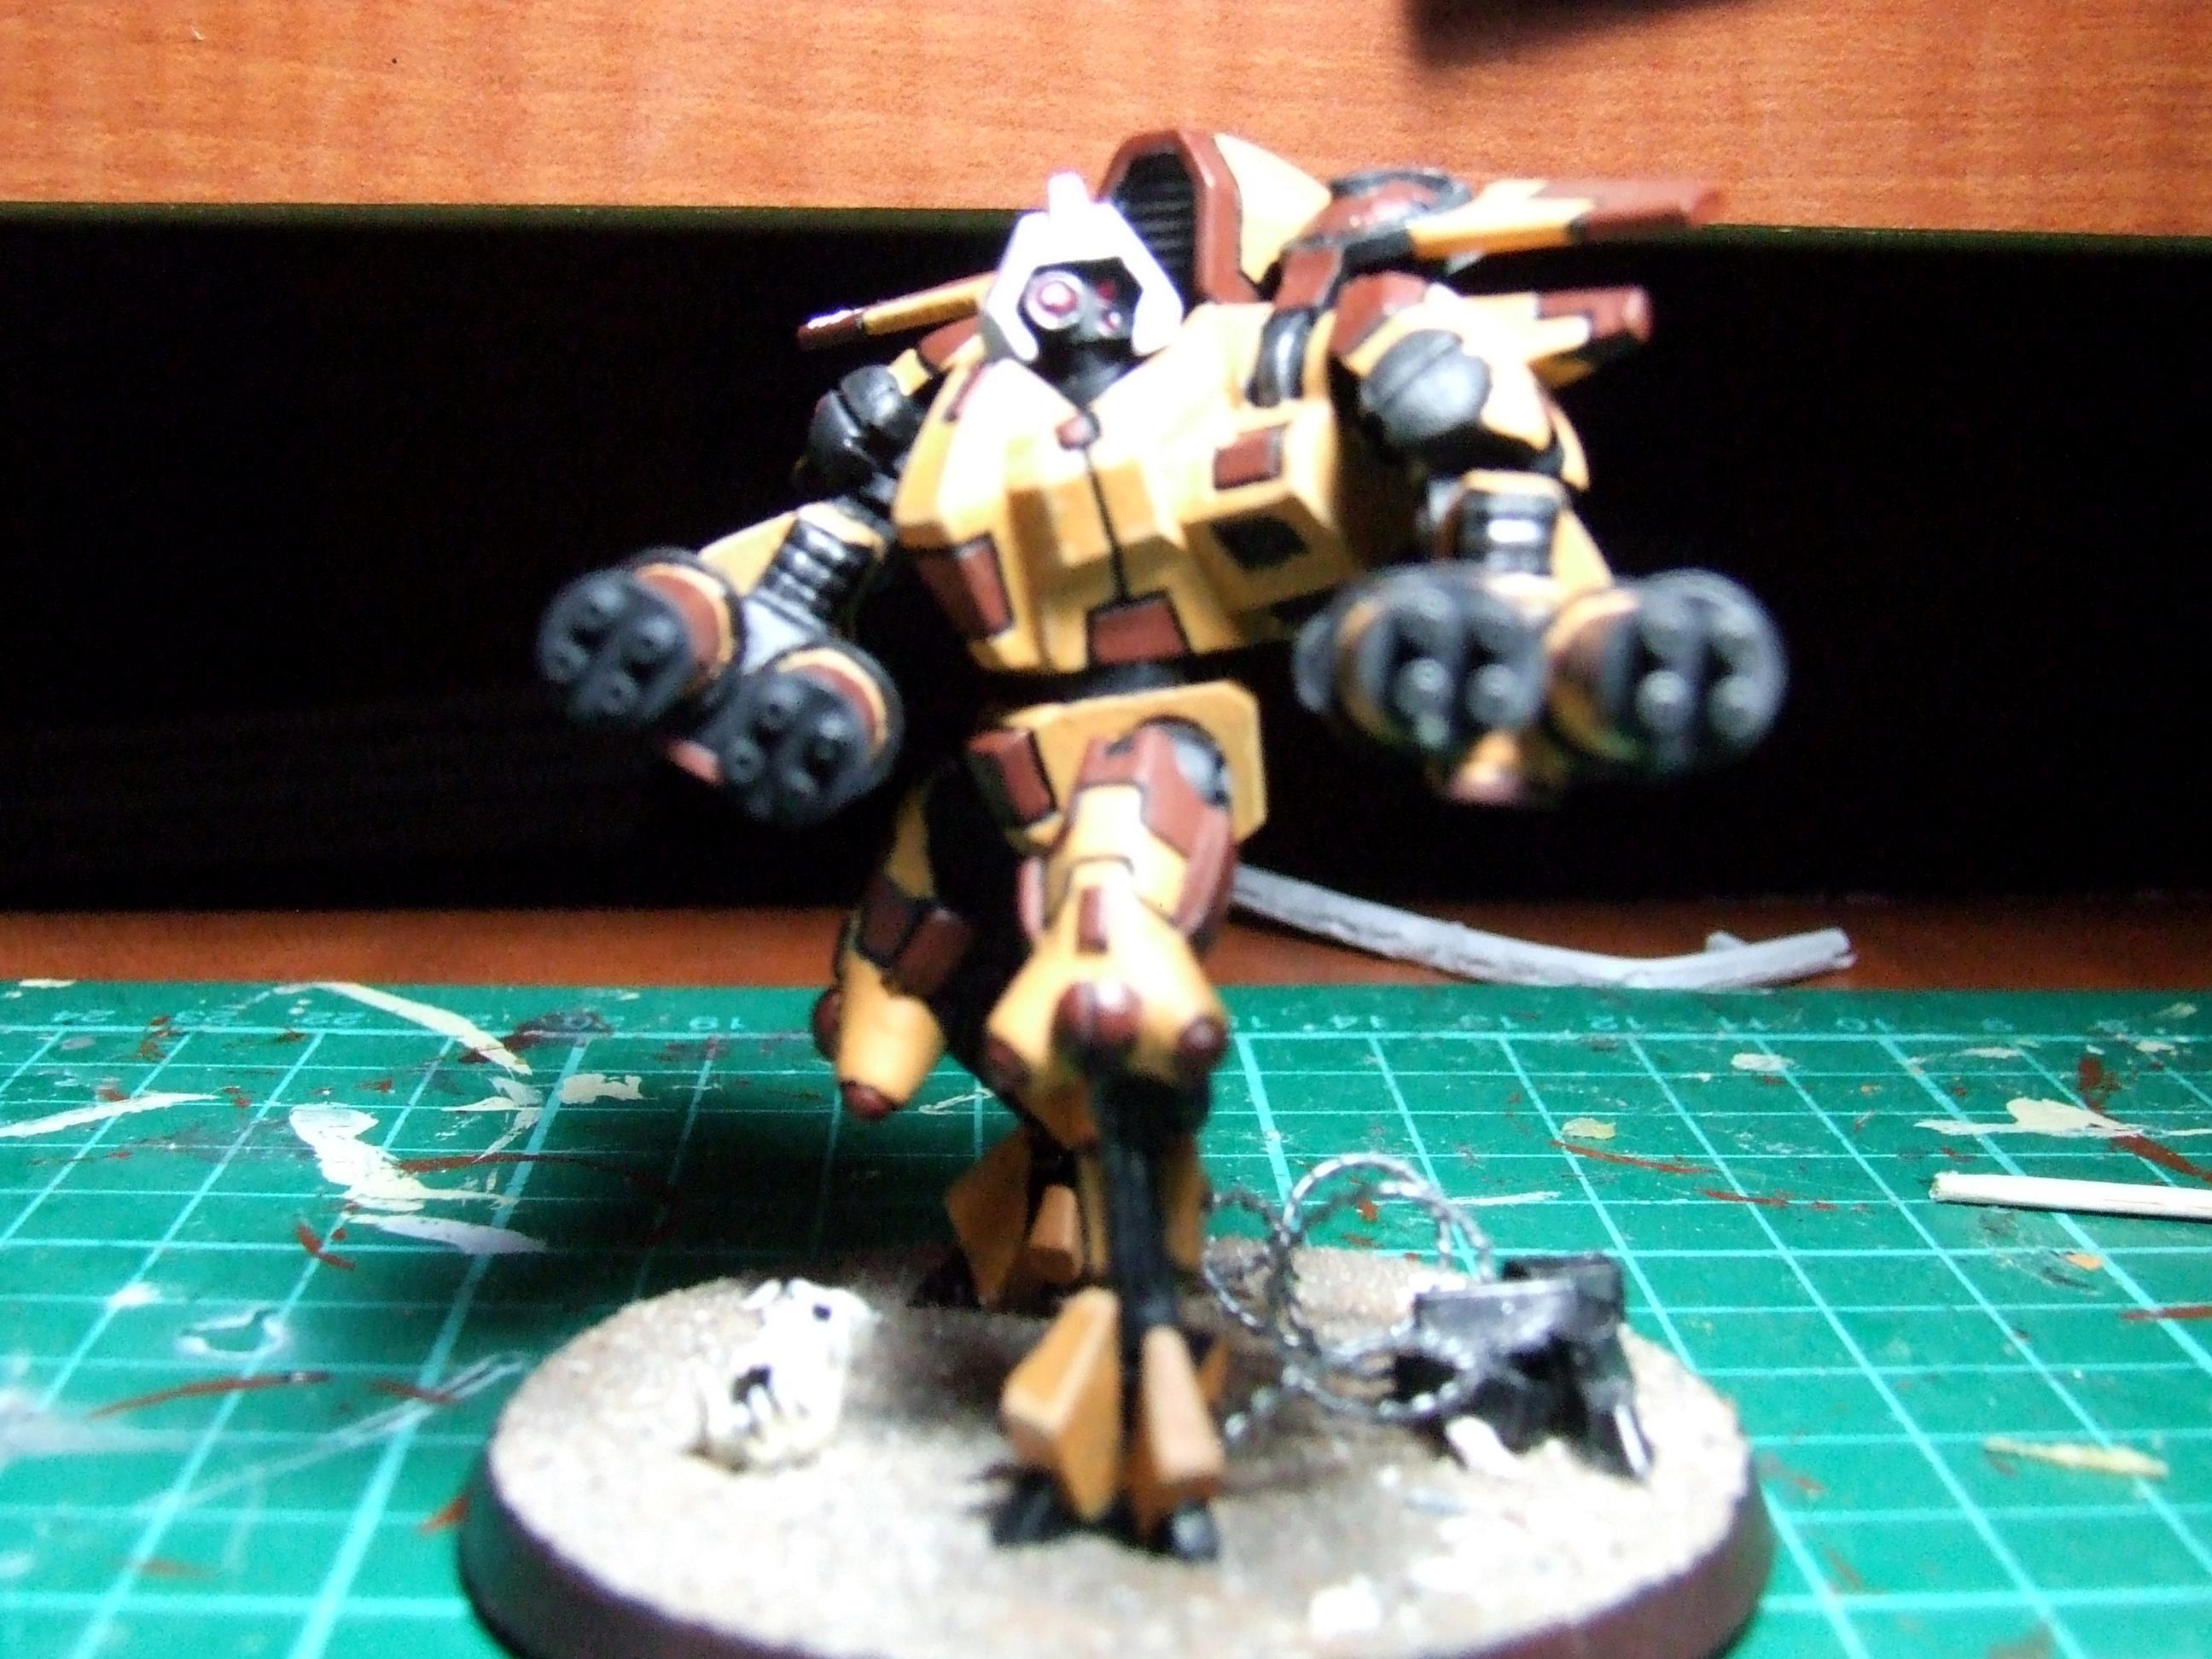 Battle-suit, Battlesuit, Hazard, Tau, Xv-9, Xv9